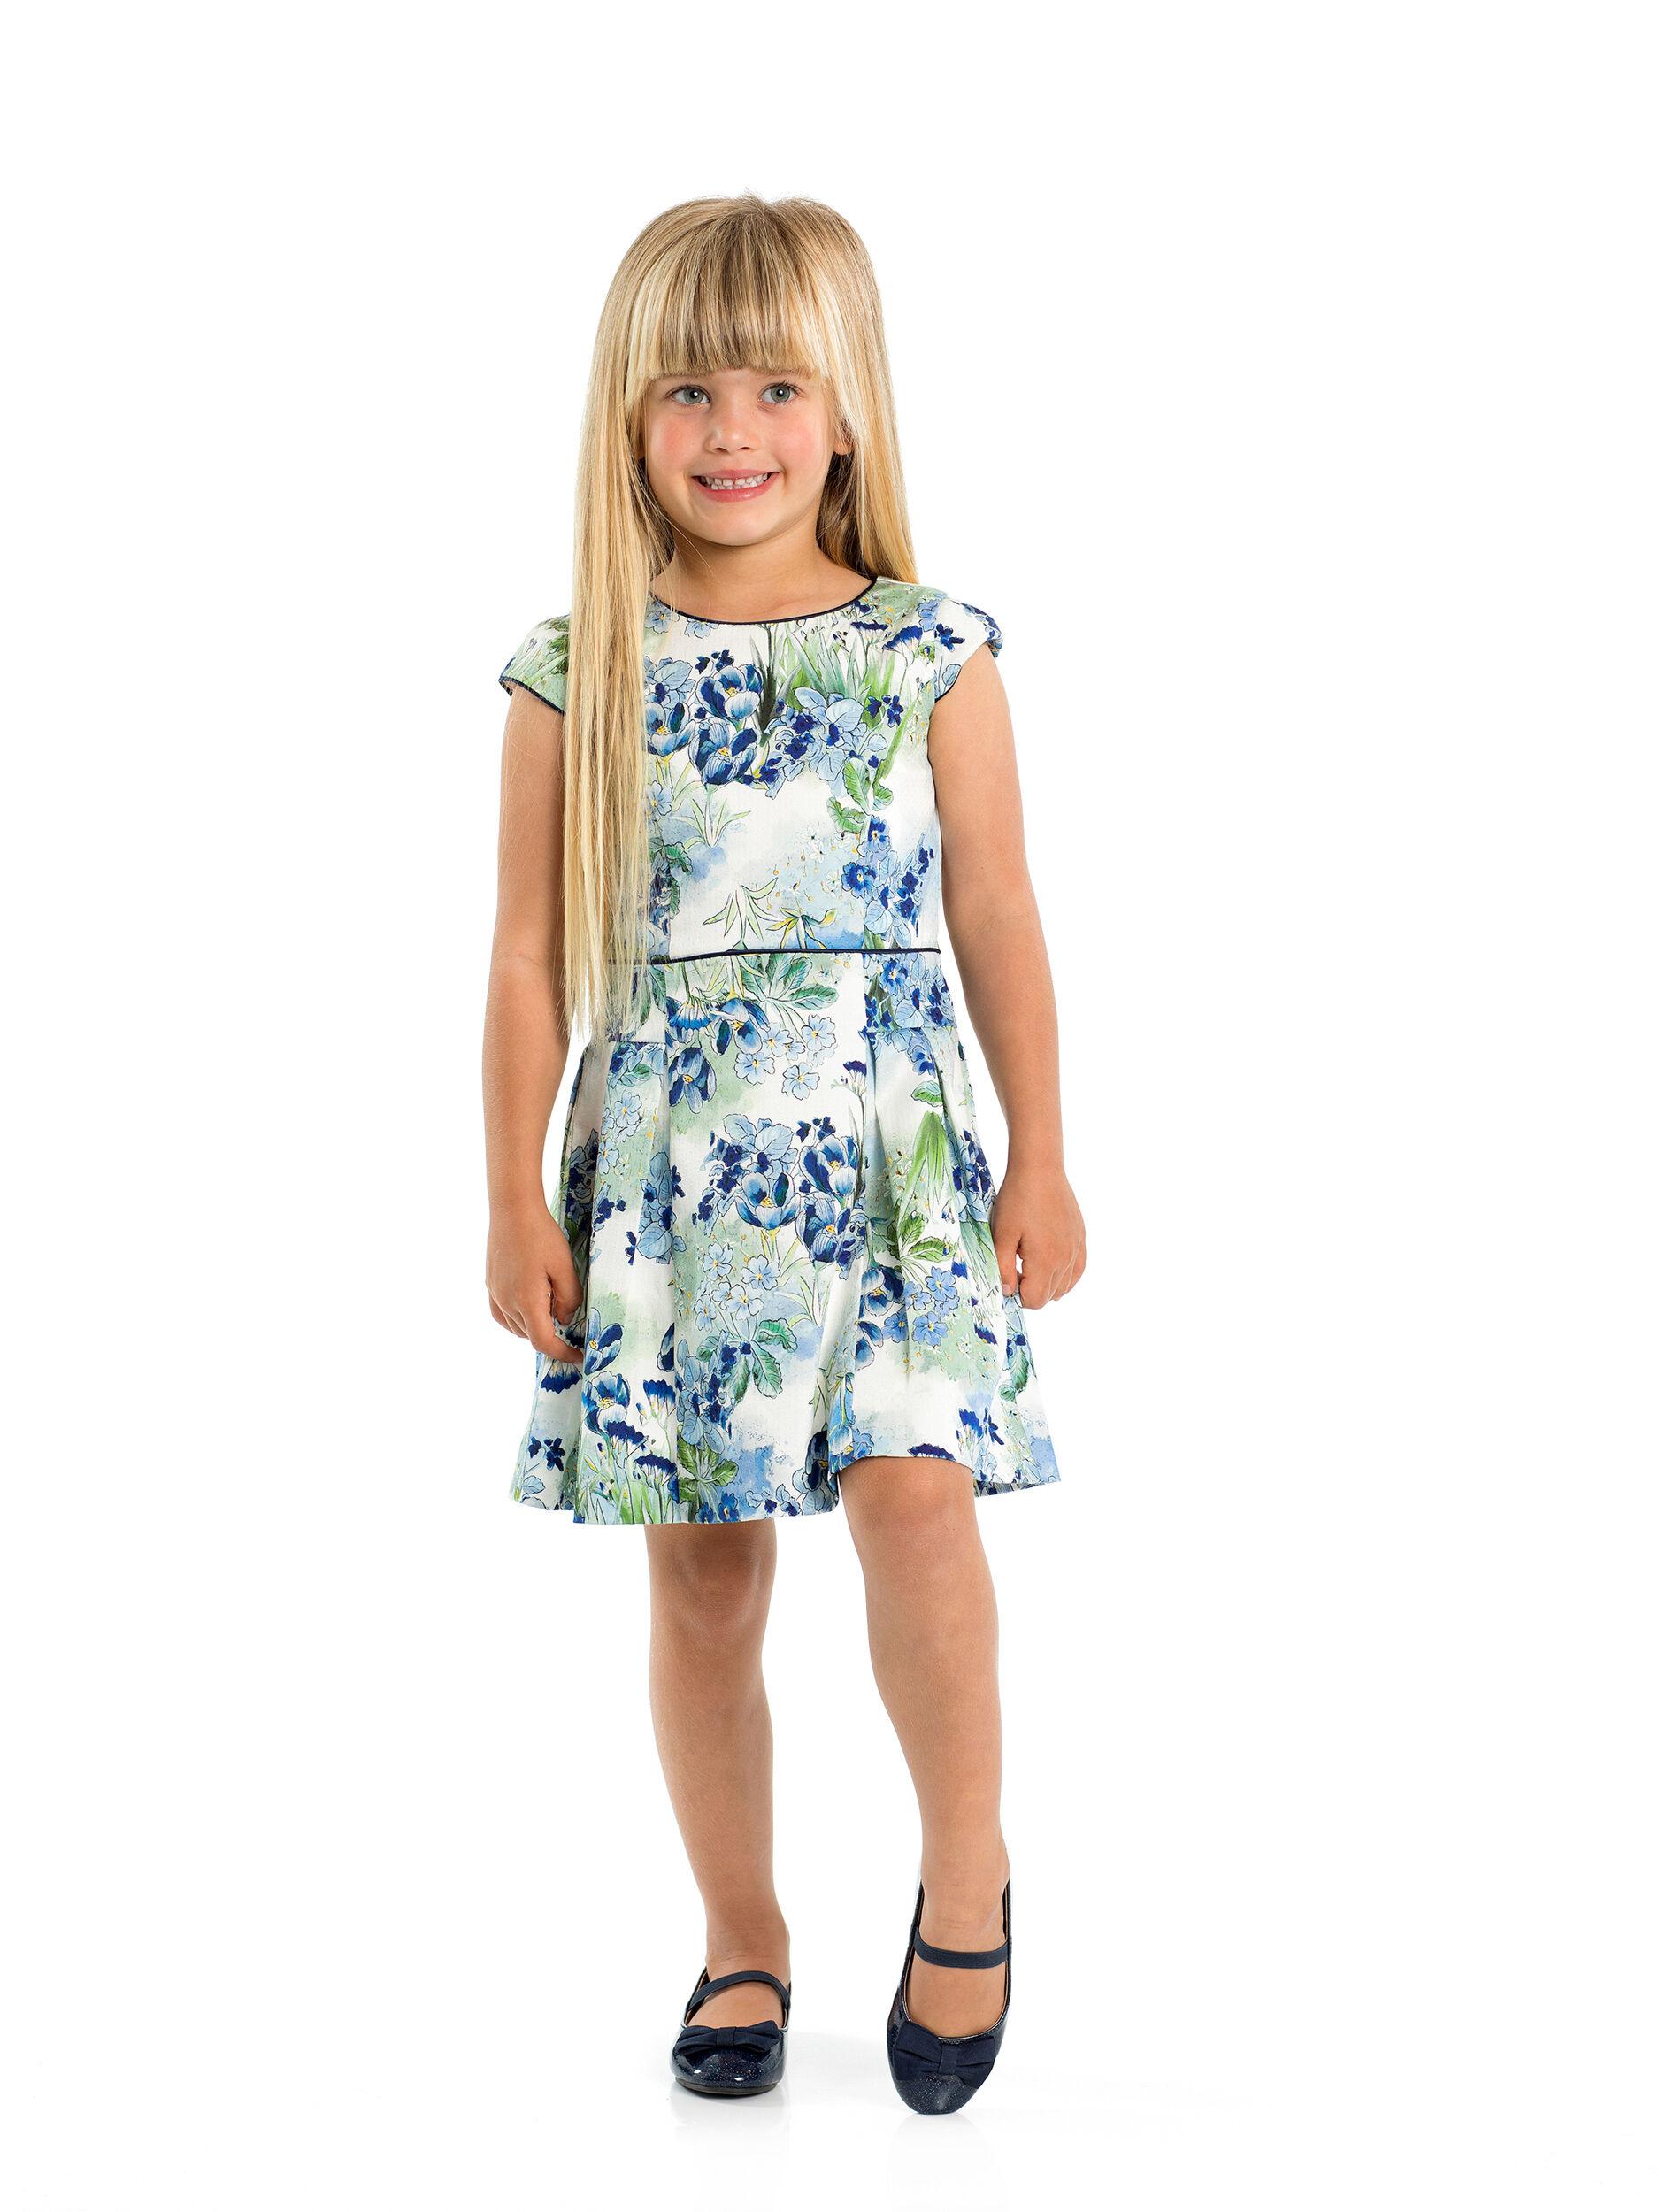 8-14 Girls Sarah Dress